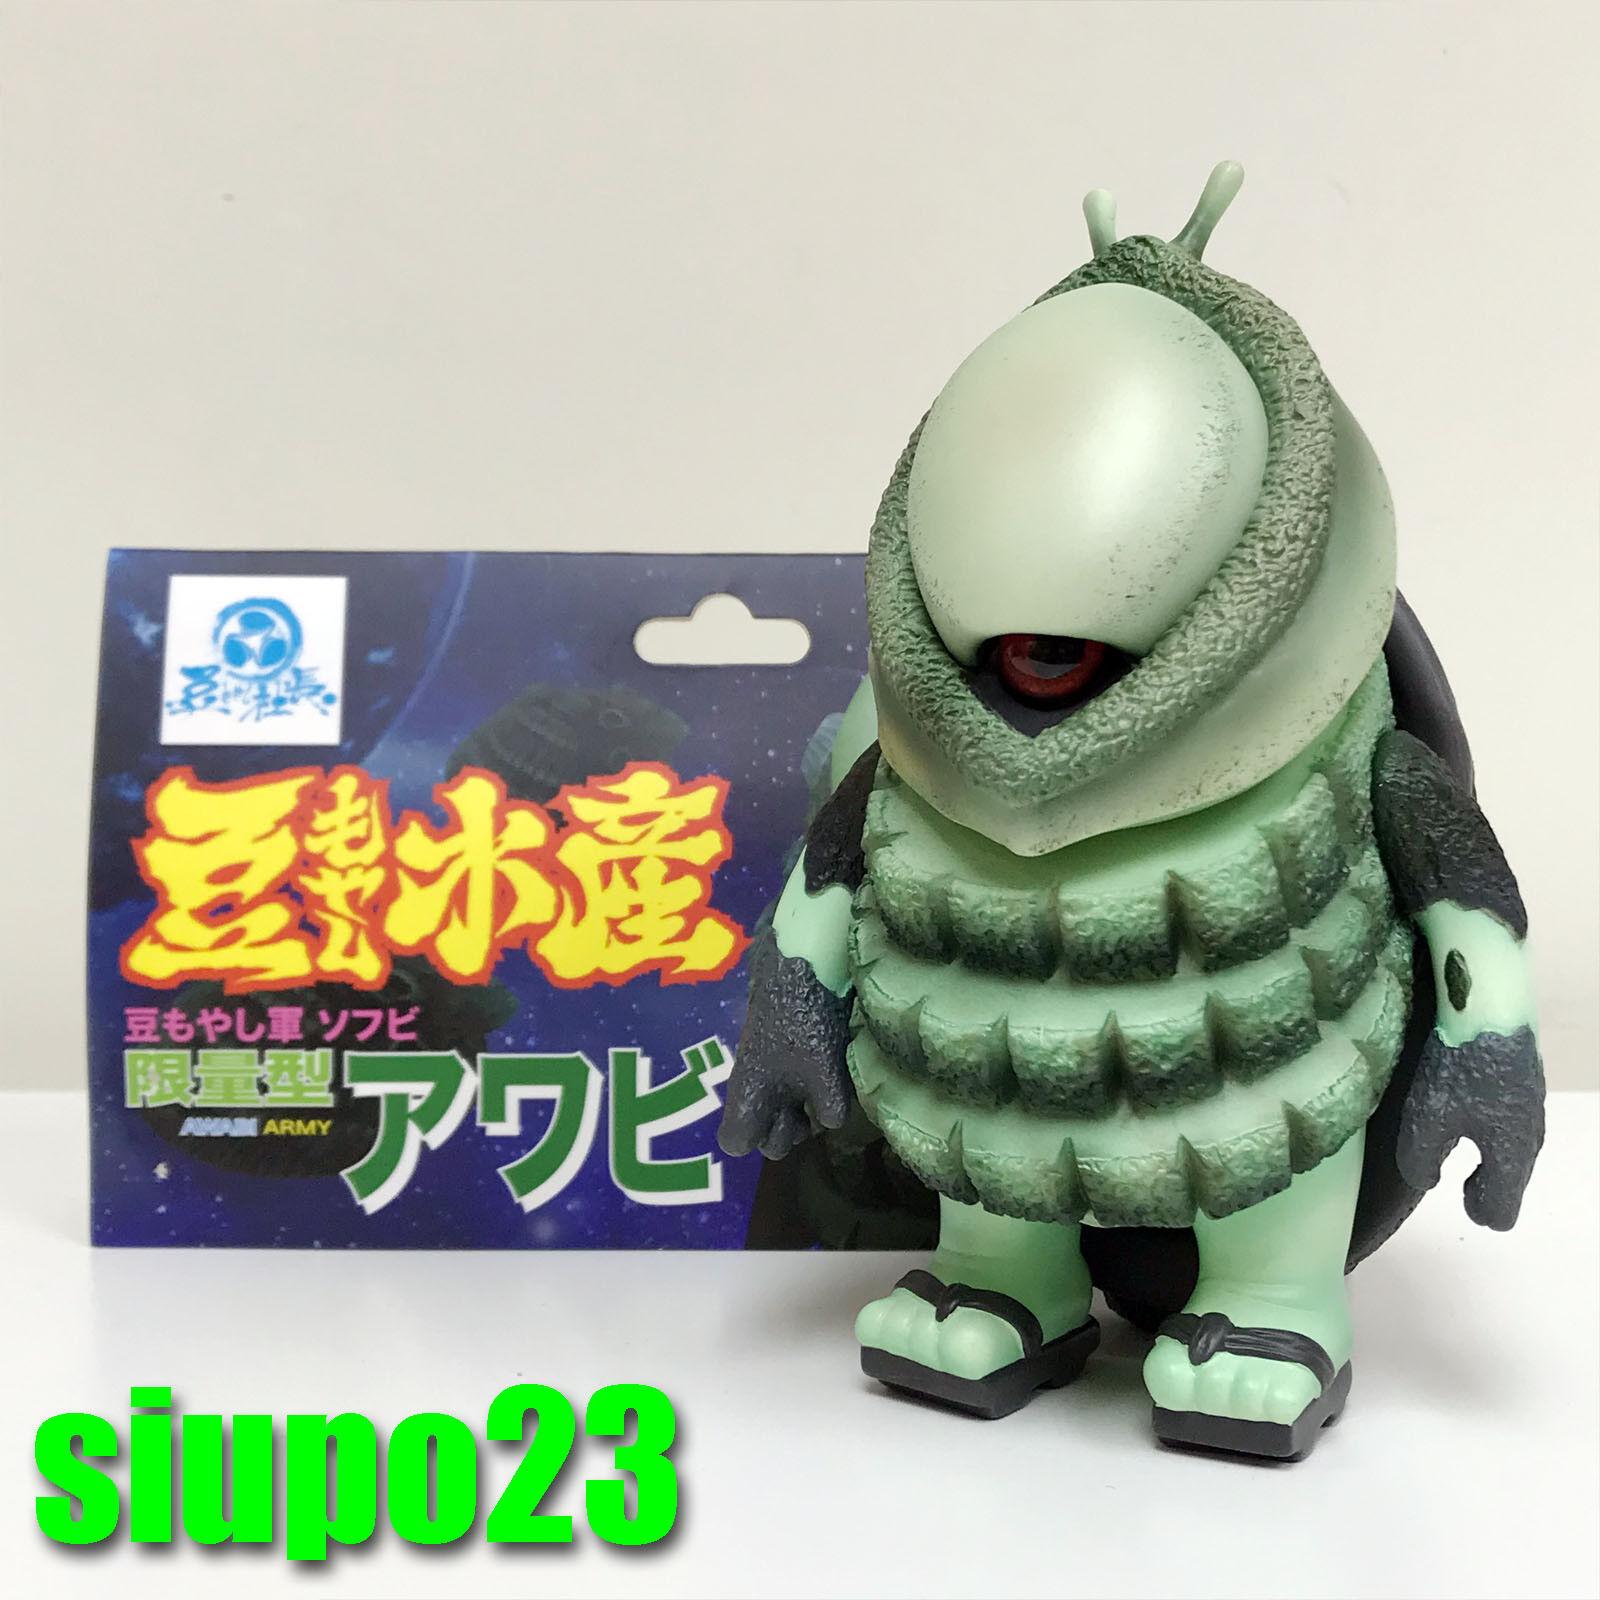 Mame moyashi Abalone membres Figurine en vinyle vert édition limitée